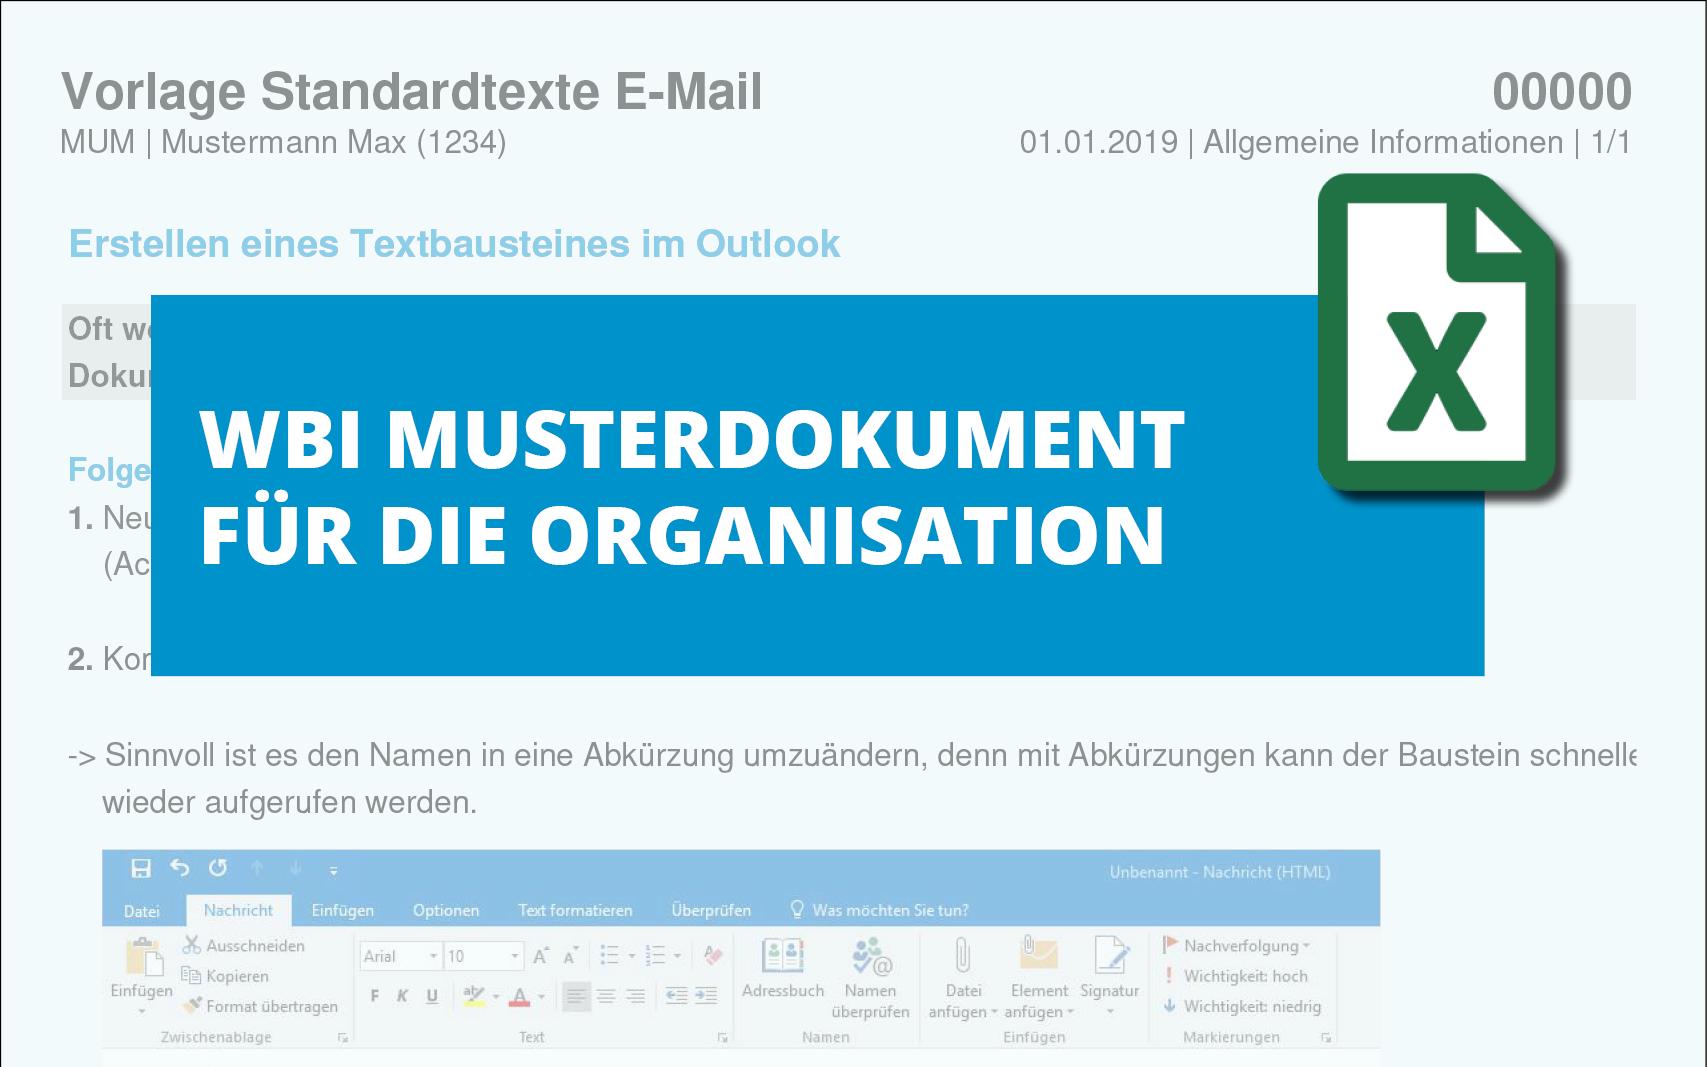 vorlage-standardtexte-e-mail